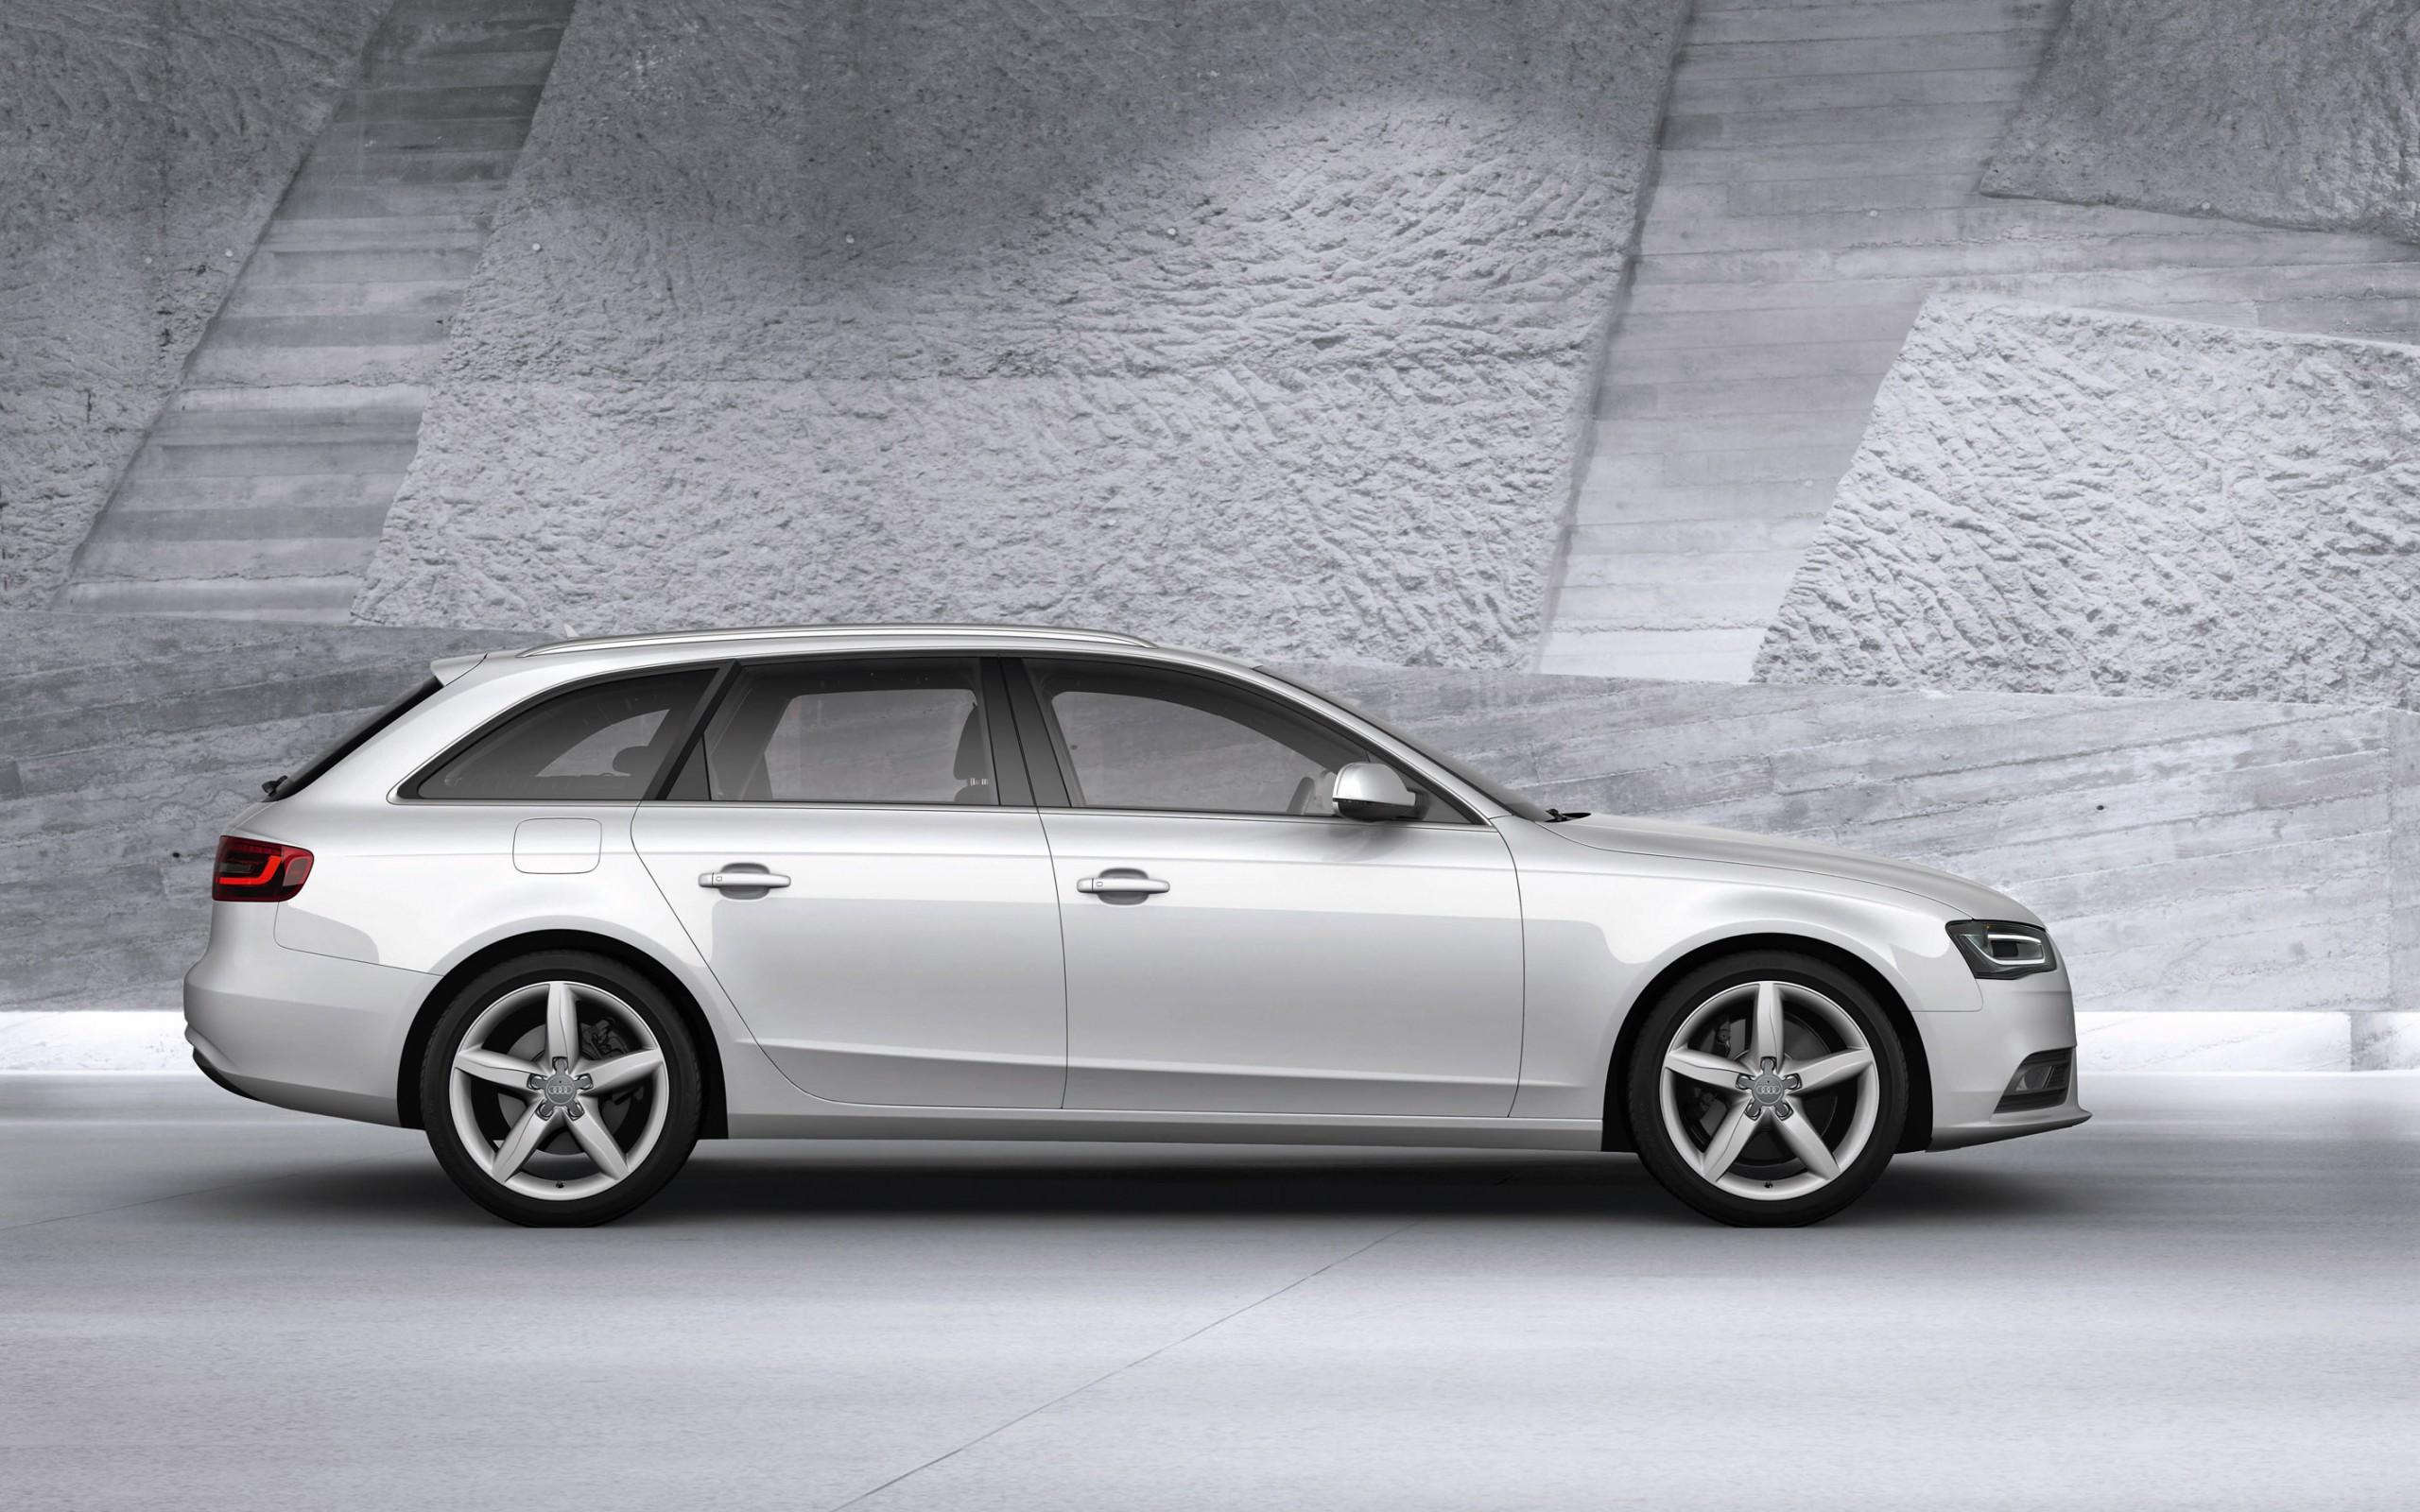 2012 Audi A4 Avant 04 HD Wallpaper